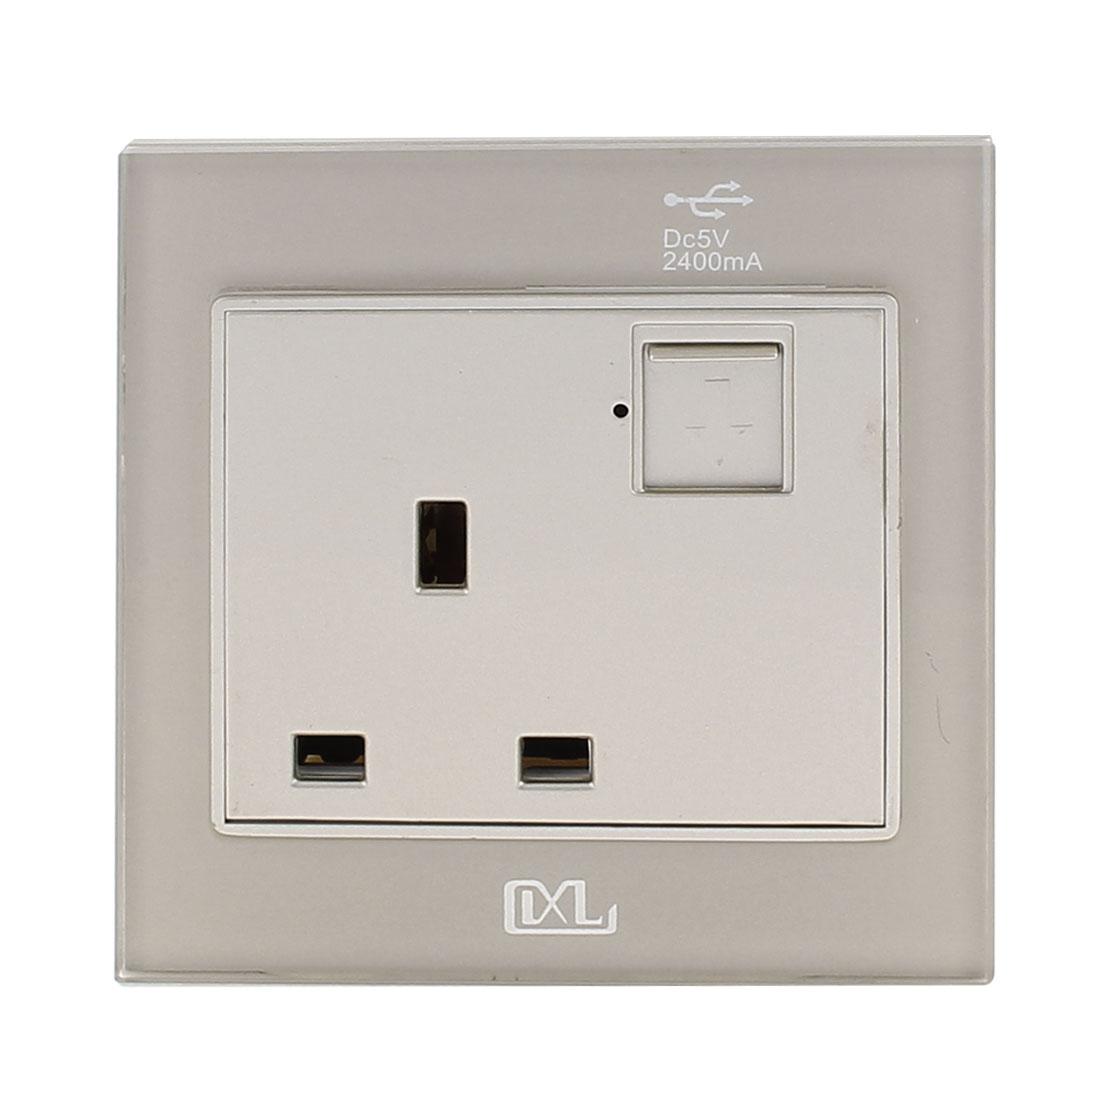 AC 110V-250V UK Socket 2 USB Port 5VDC 2400mA Charger Power LED Lamp Wall Outlet